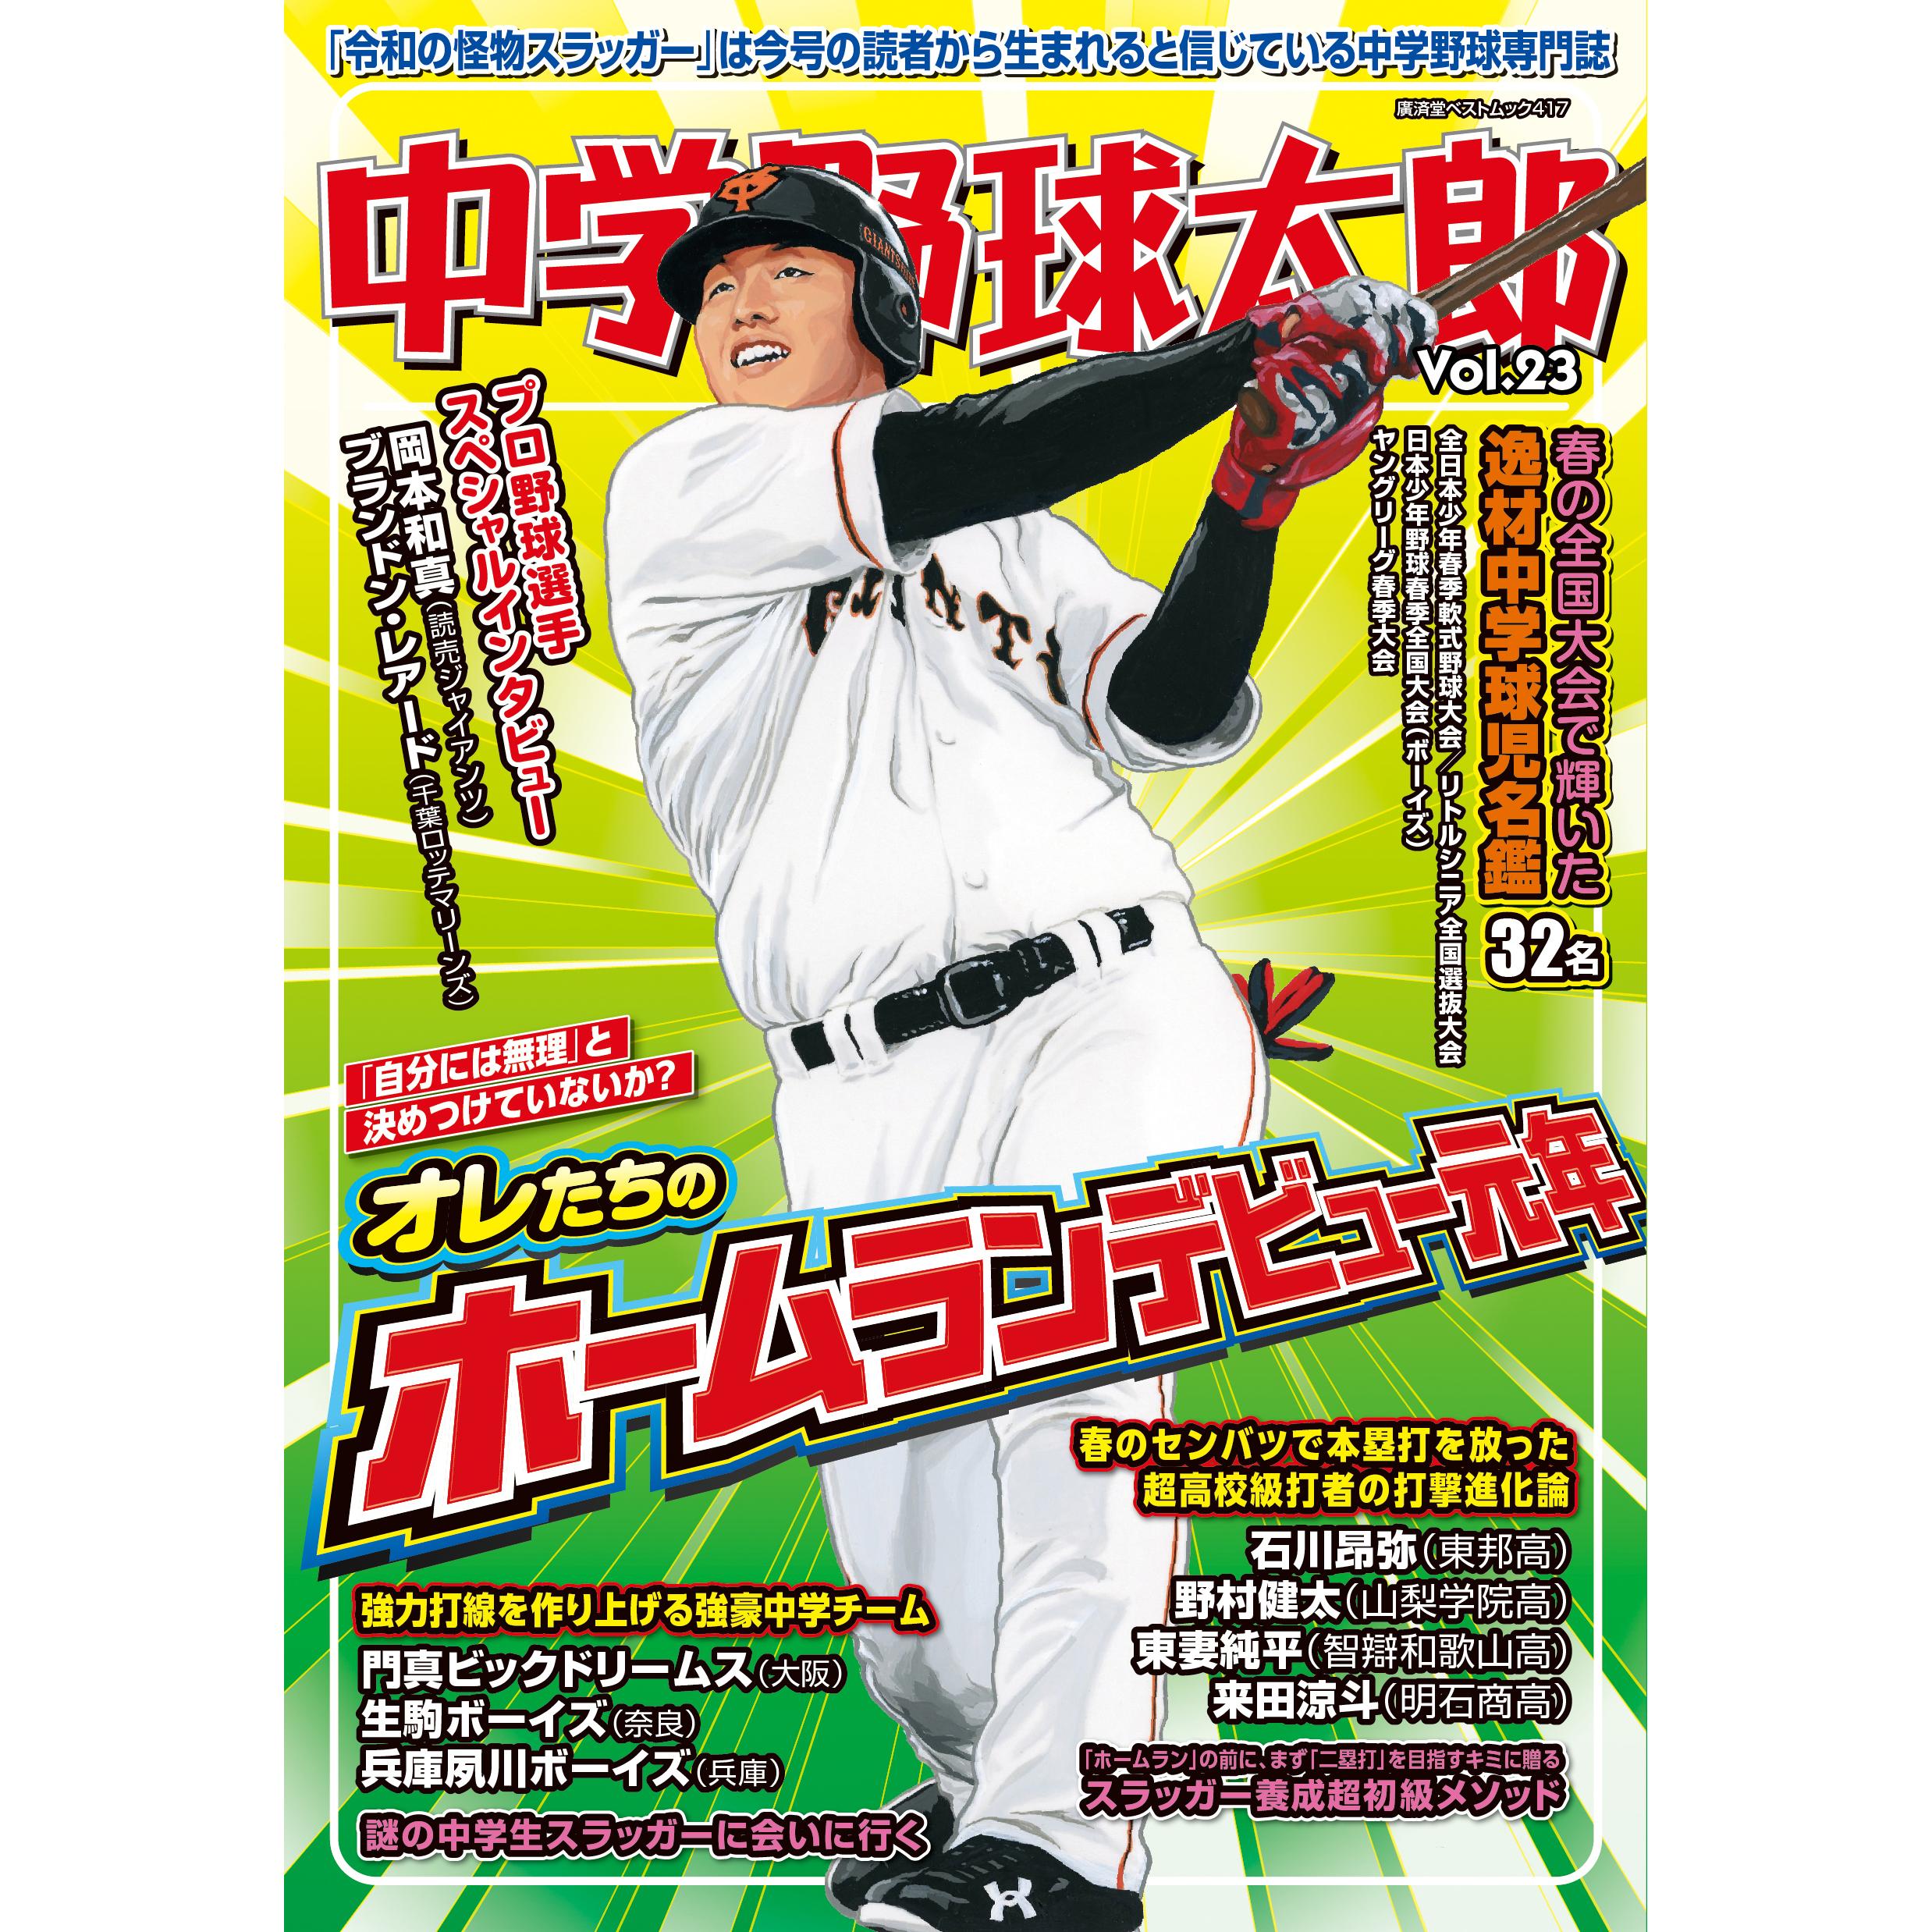 『中学野球太郎Vol.23 オレたちのホームランデビュー元年』発売中!&web立ち読みもできます!